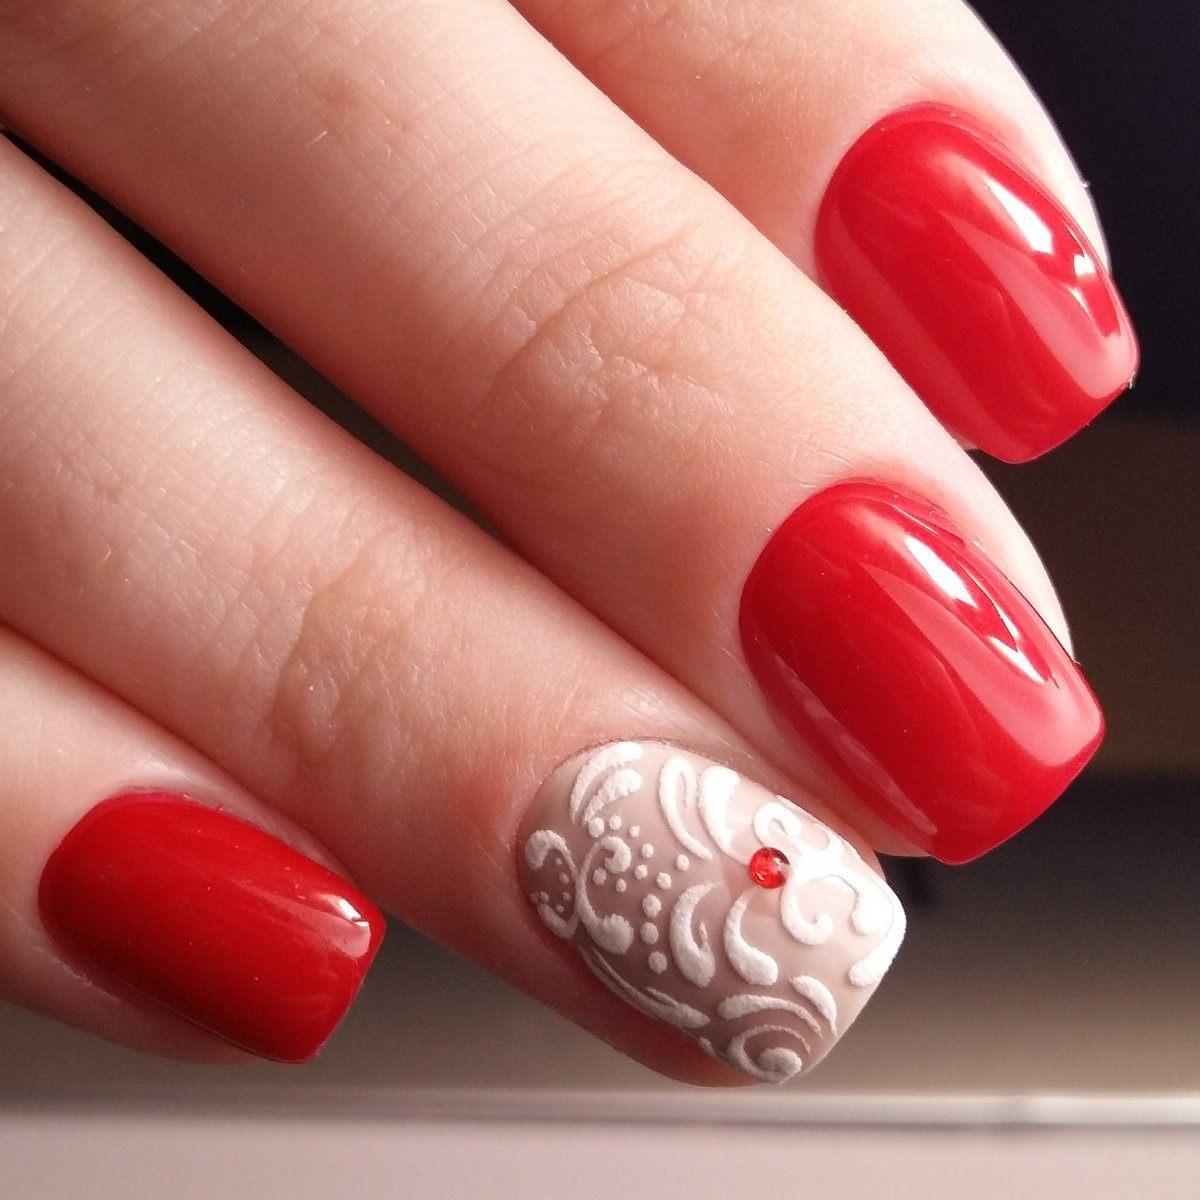 Гель лак красный на короткие ногти фото